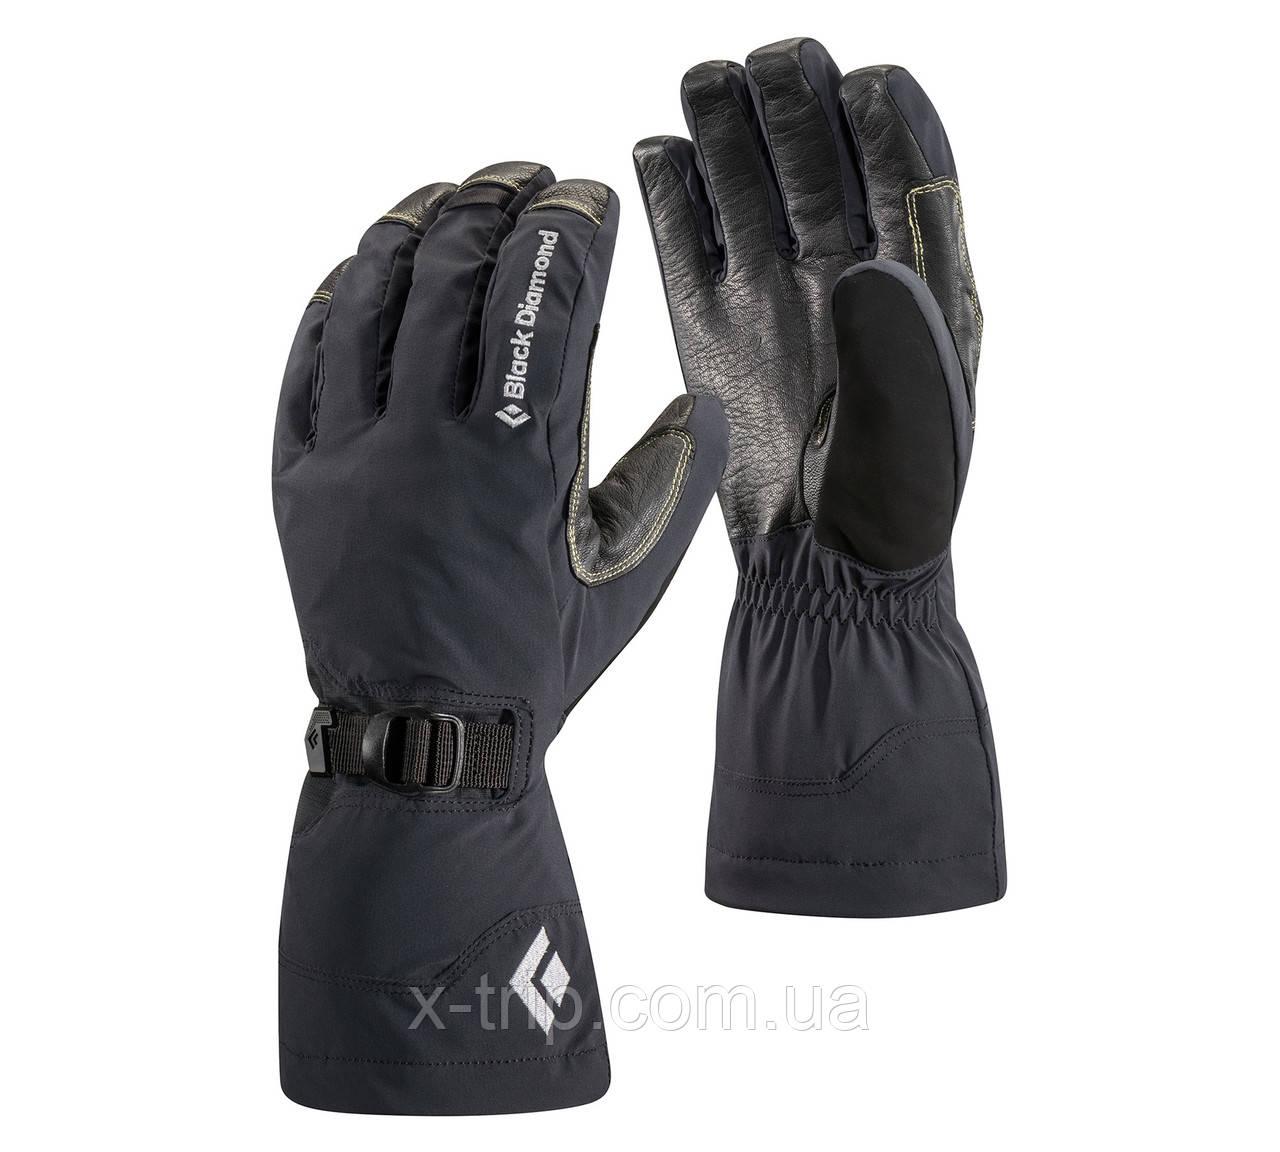 Лыжные перчатки женские Black Diamond Pursuit Gloves (BD 801687) М